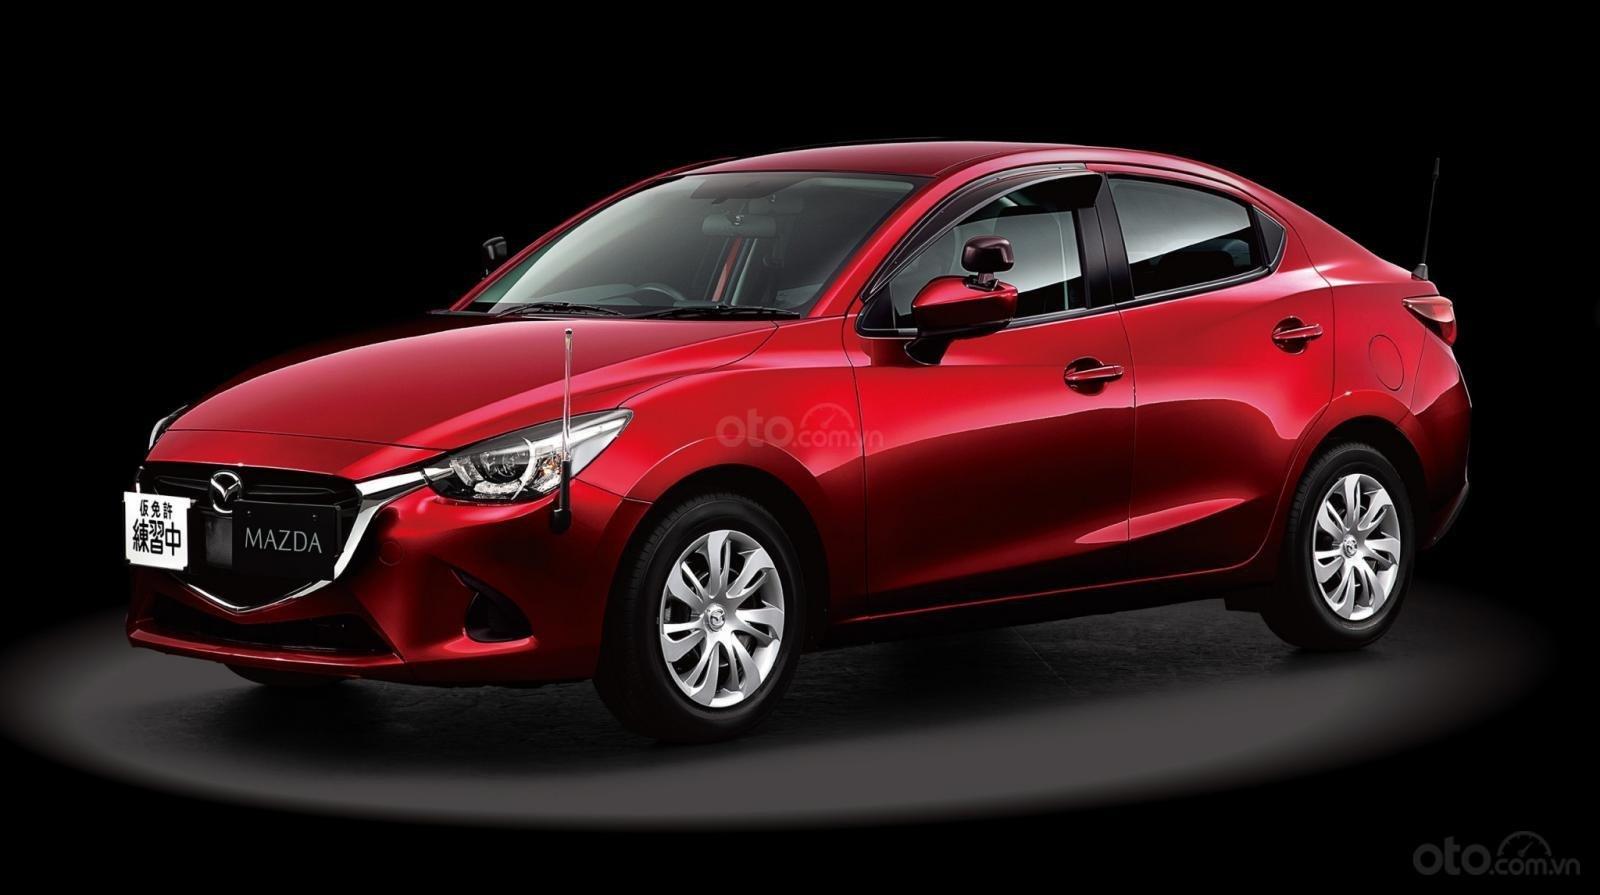 Mazda2 Trainer - mẫu xe Mazda thích hợp cho gà mờ tập lái